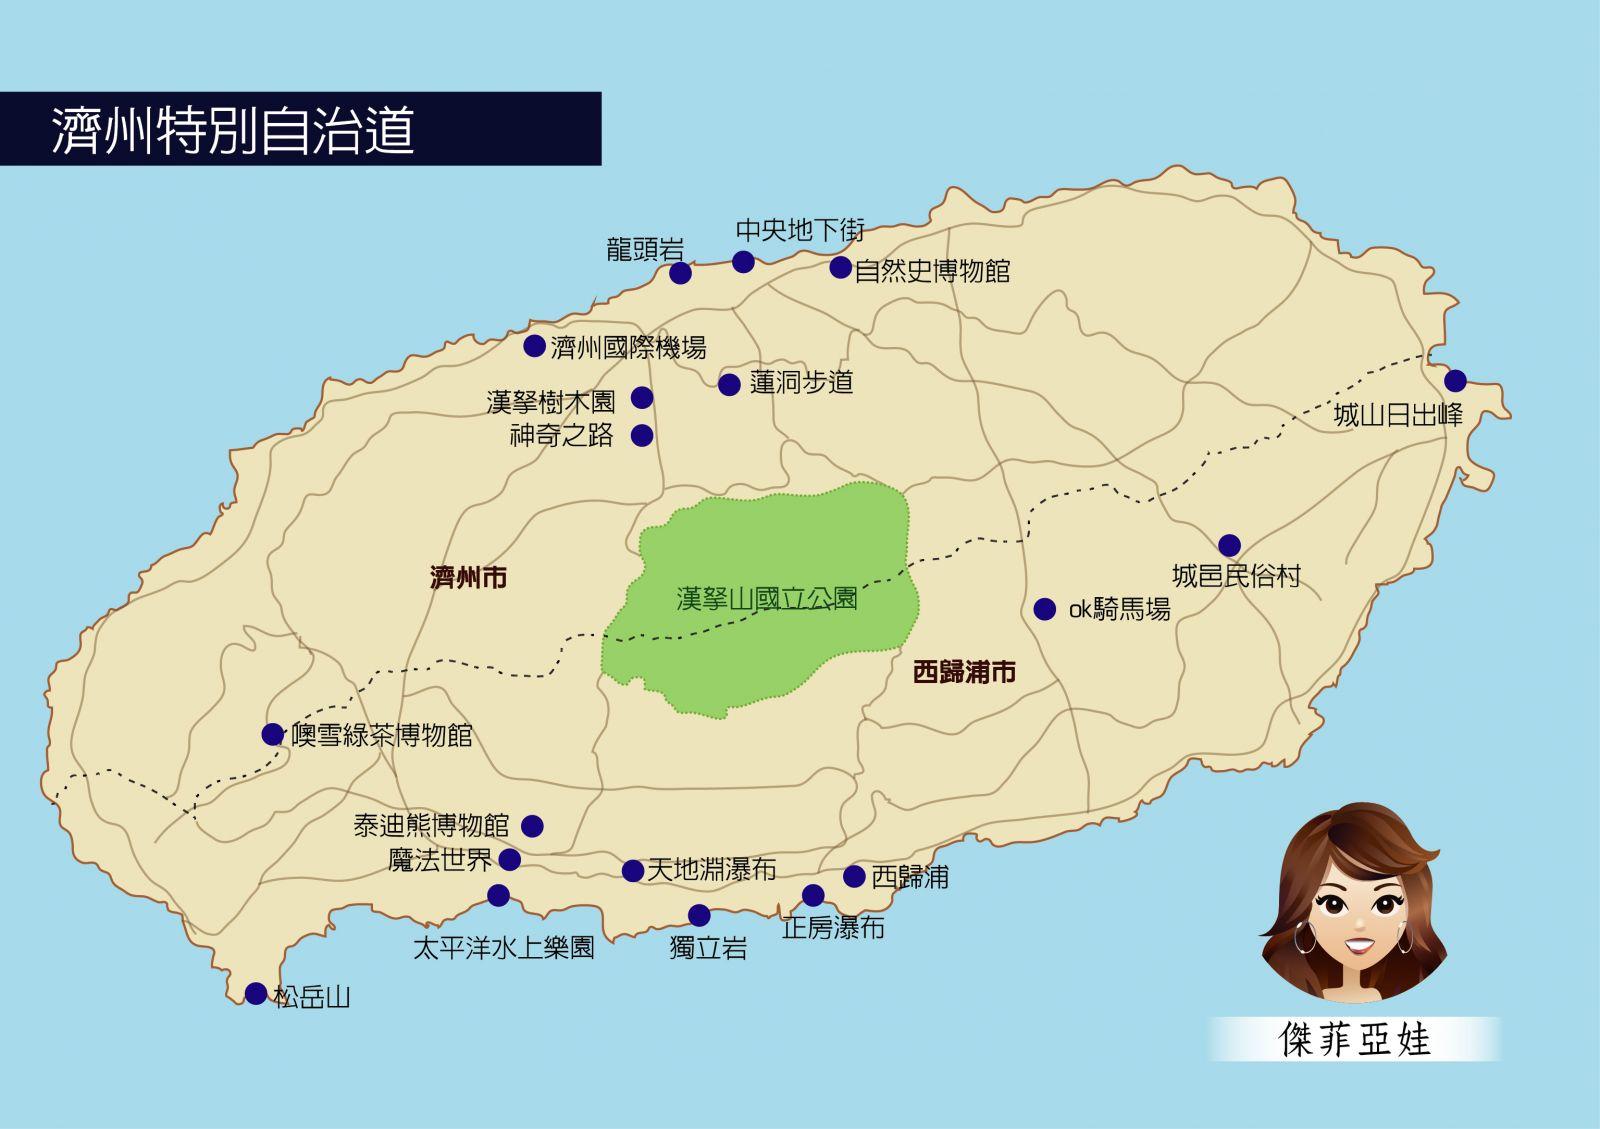 韩国地图英文版全图